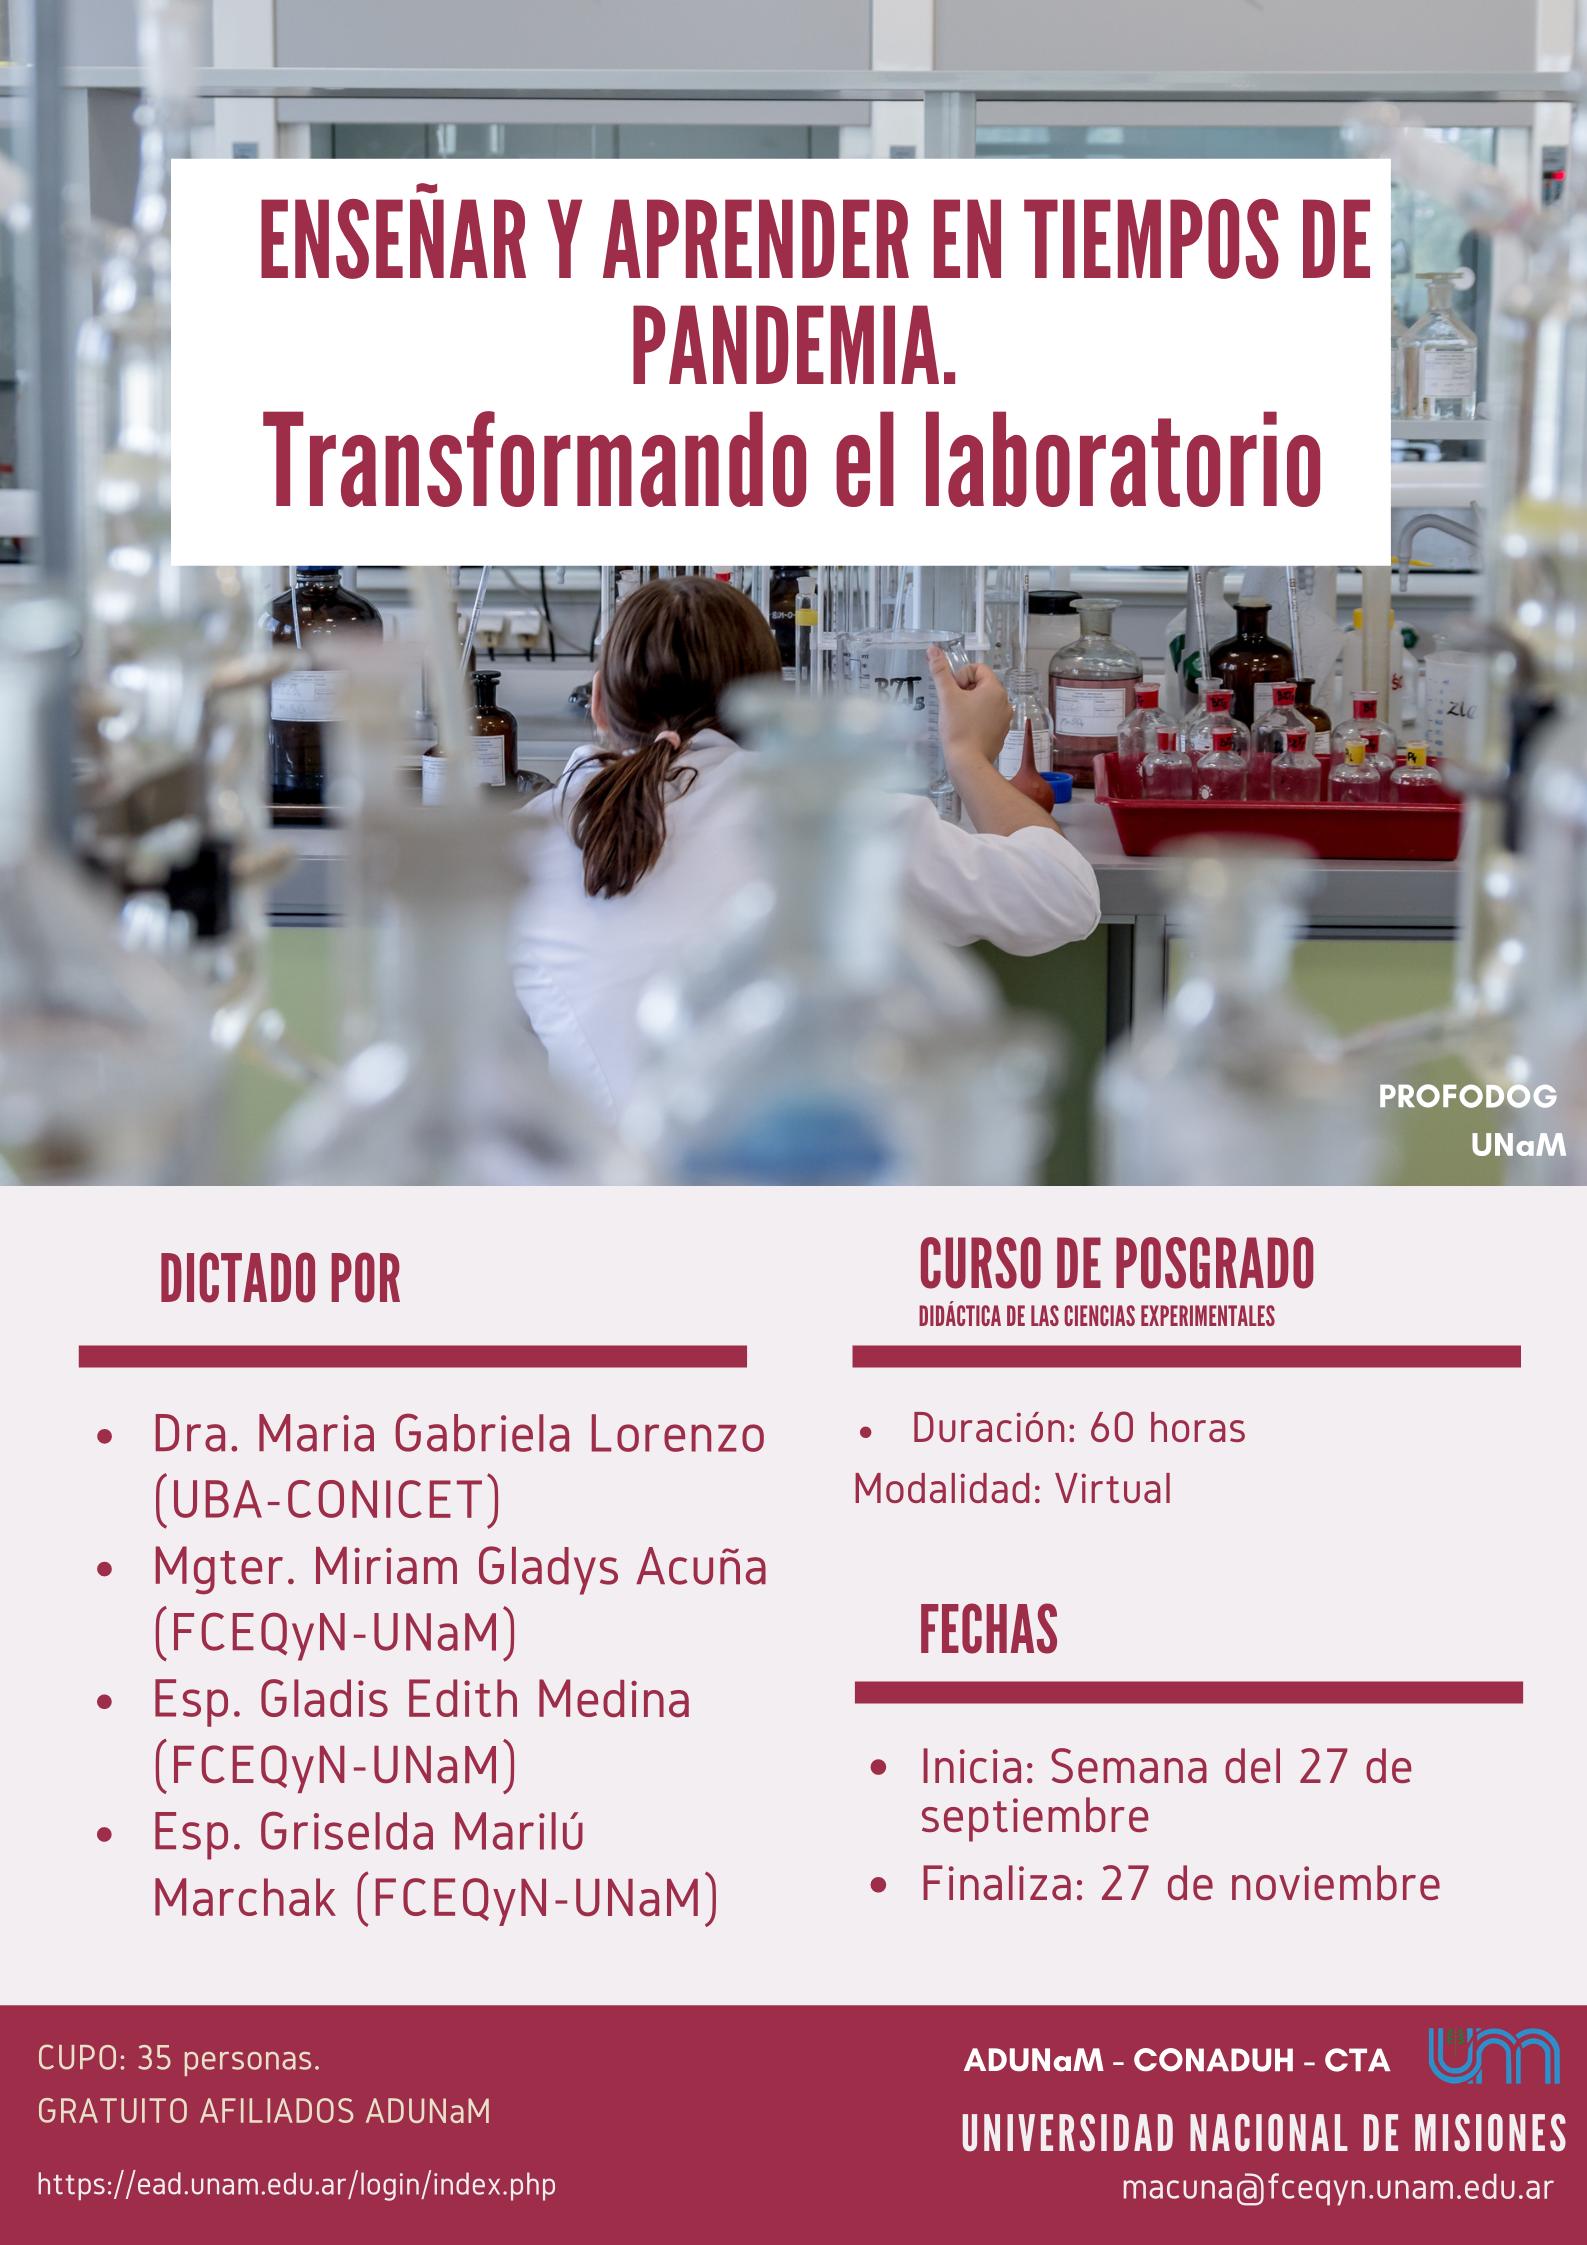 ENSEÑAR Y APRENDER EN TIEMPOS DE PANDEMIA: Transformando el Laboratorio